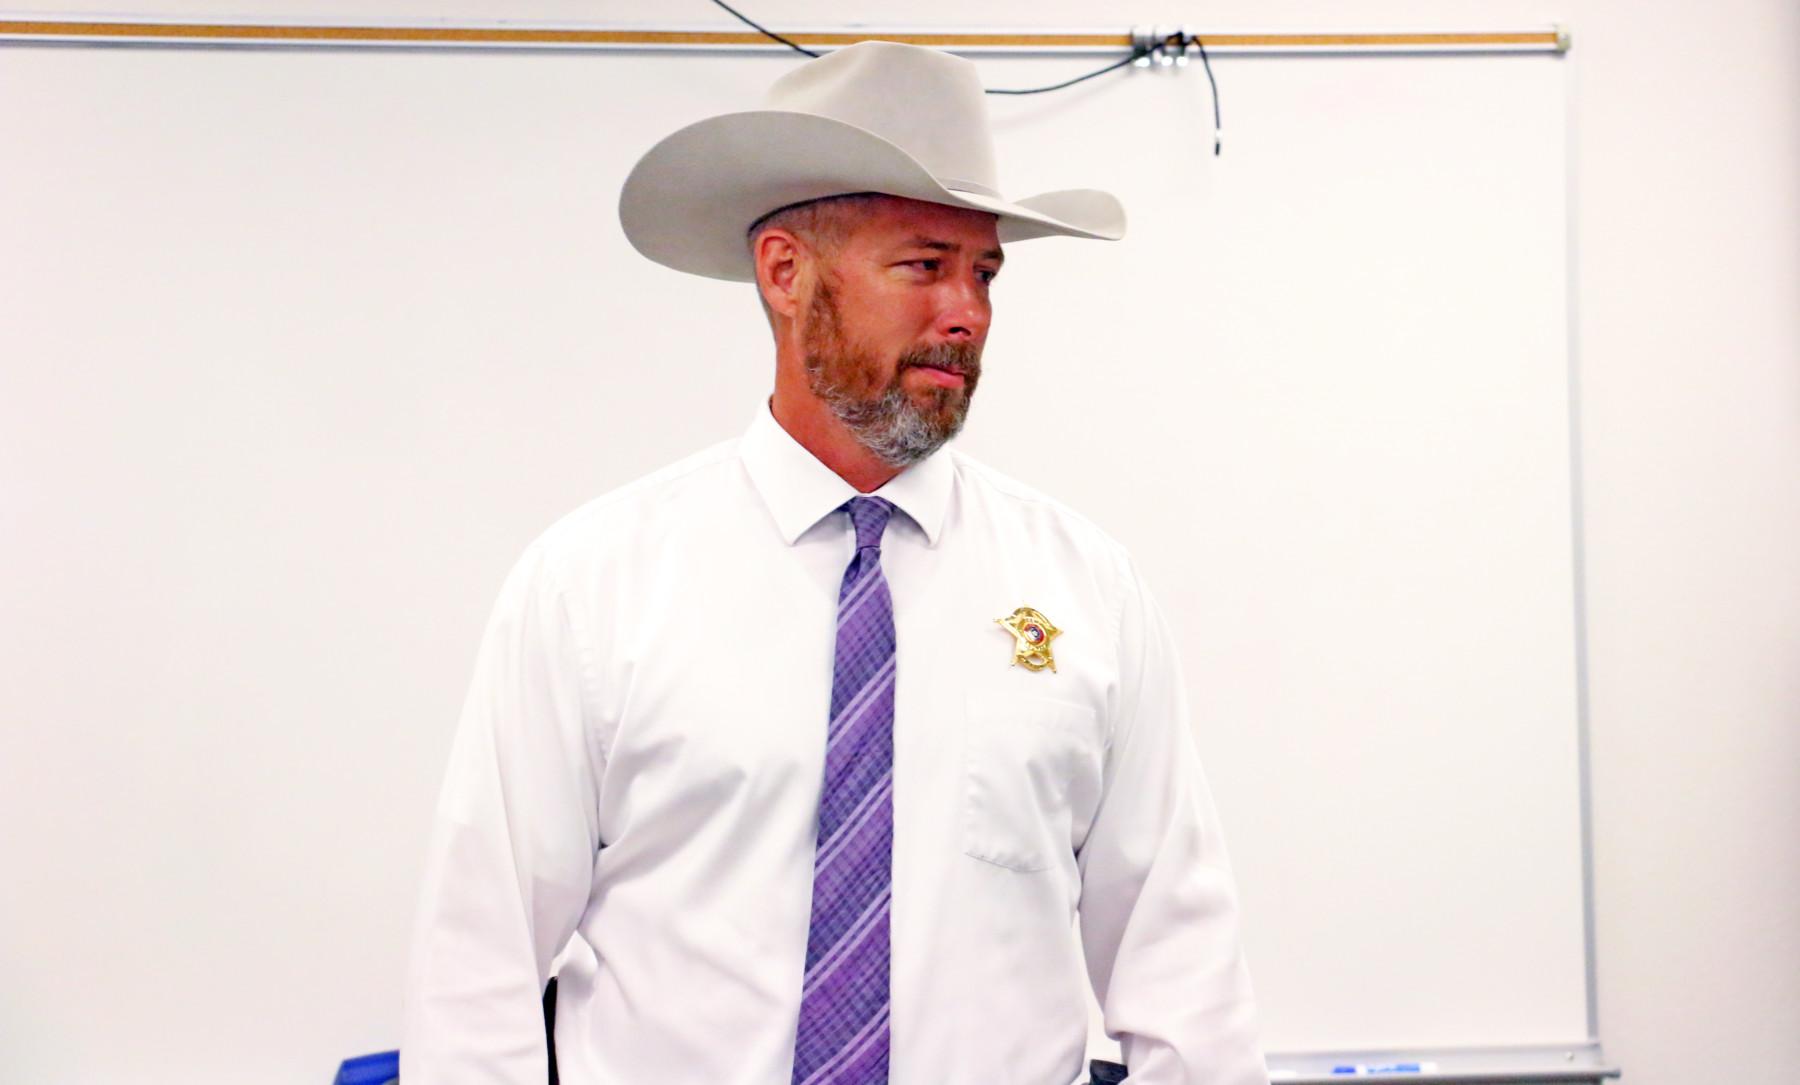 Erath County Sheriff Matt Coates